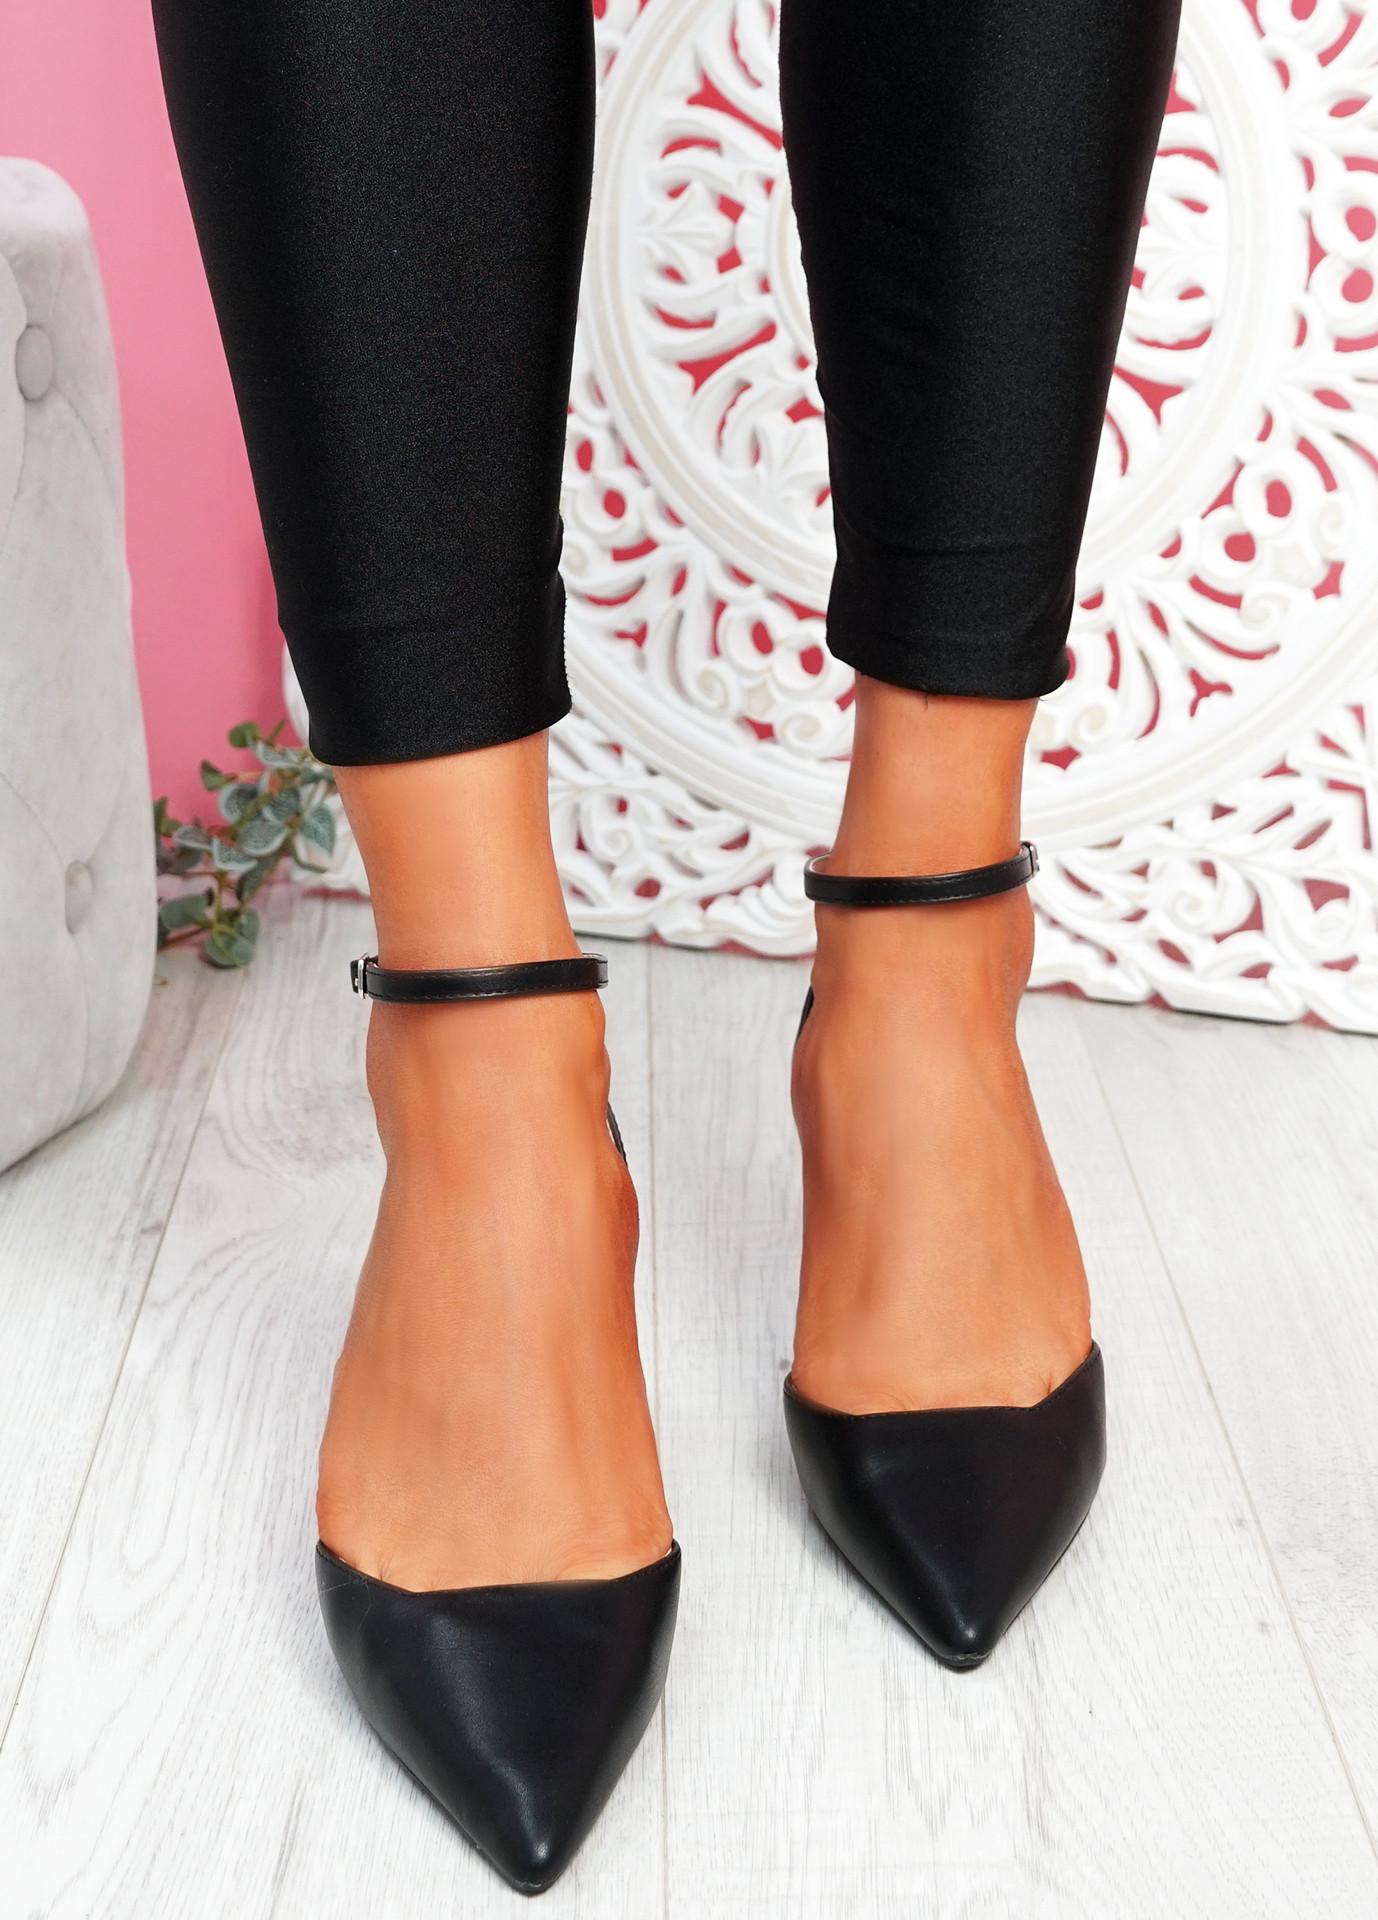 Sivo Black Stiletto Ankle Strap Pumps